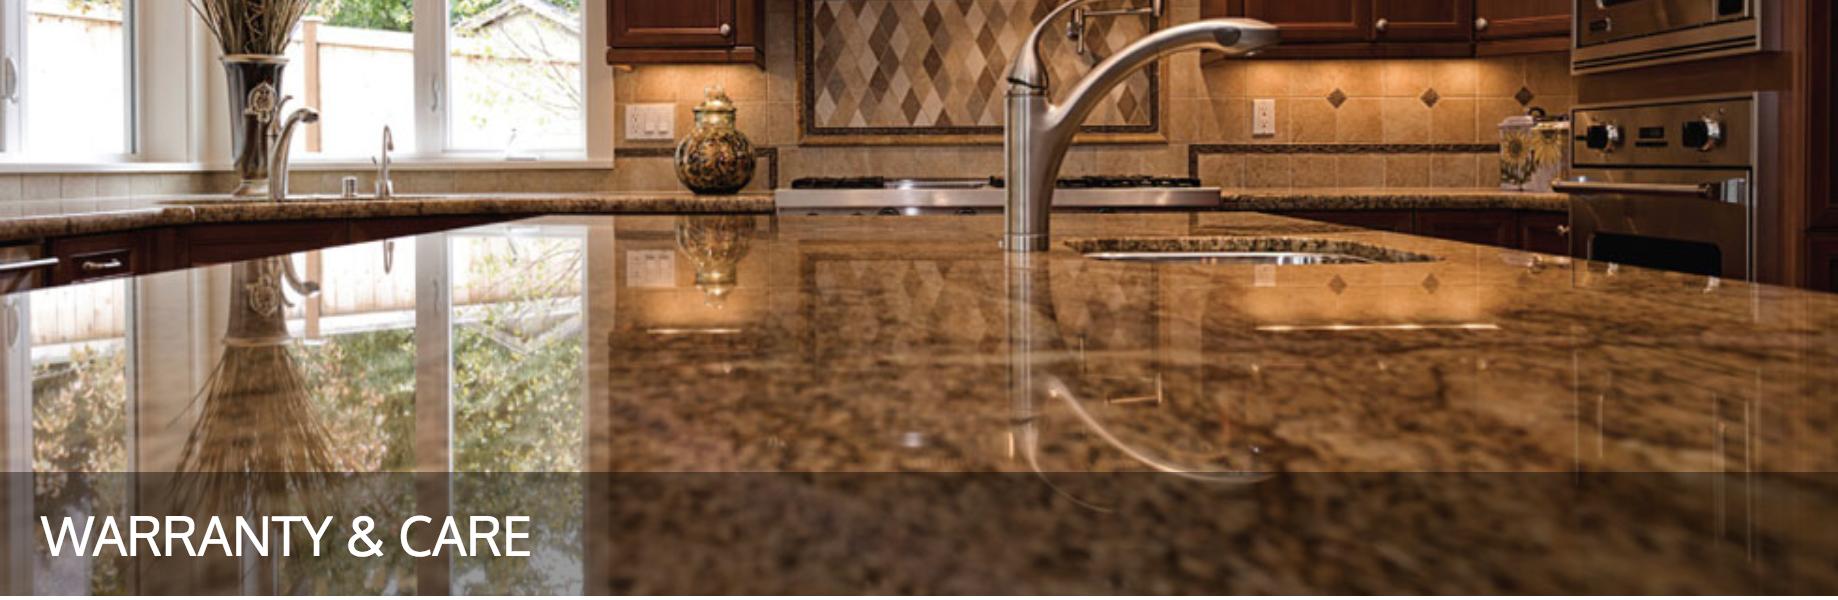 Natural Stone Countertop, granite countertop, quartz countertop warranty and care guidelines